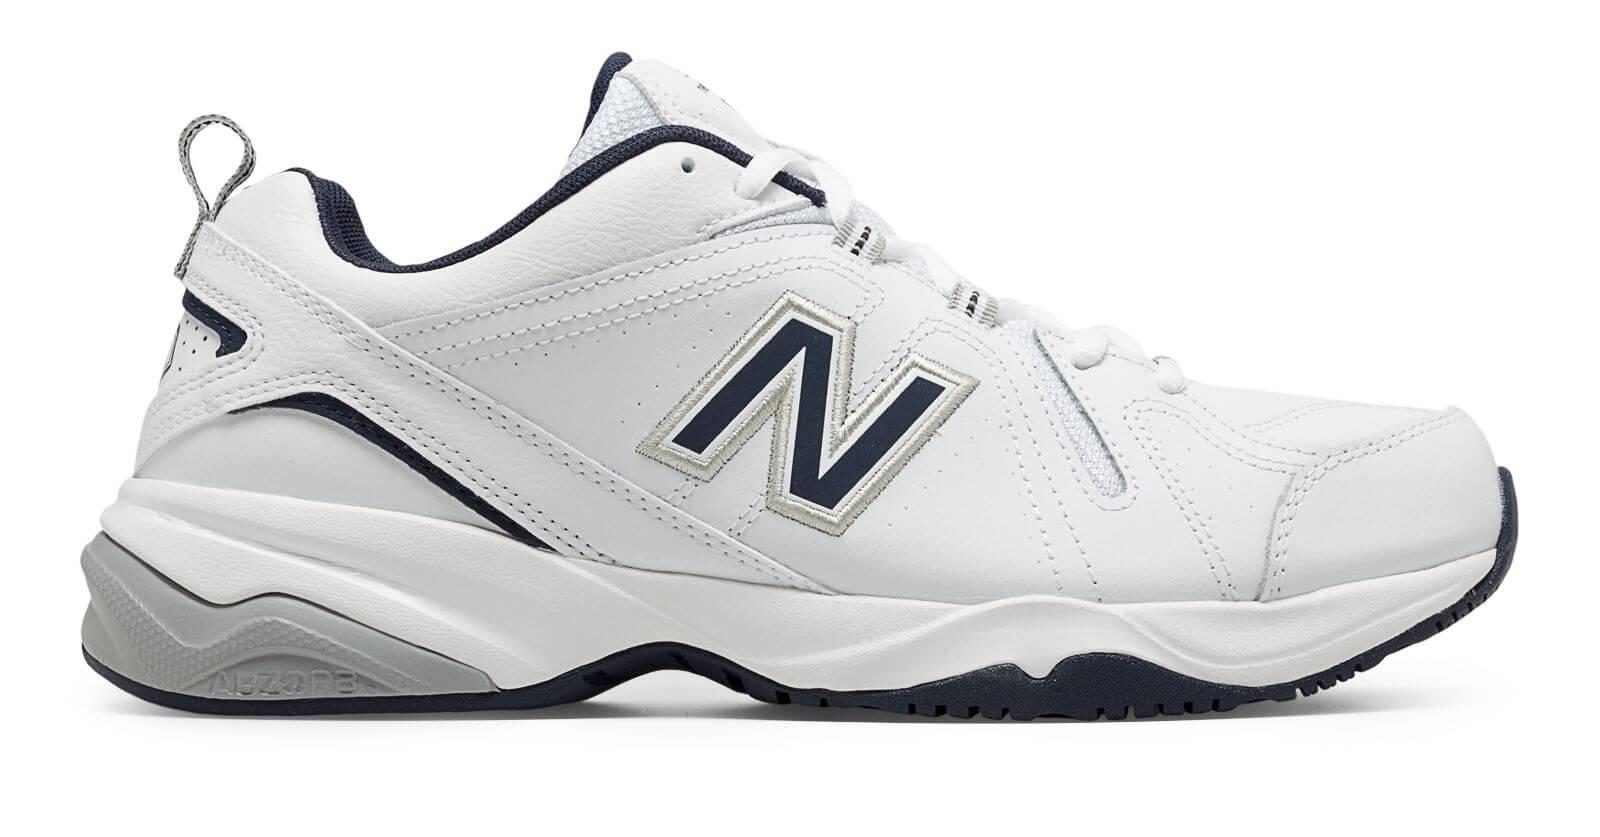 NB 608v4 2